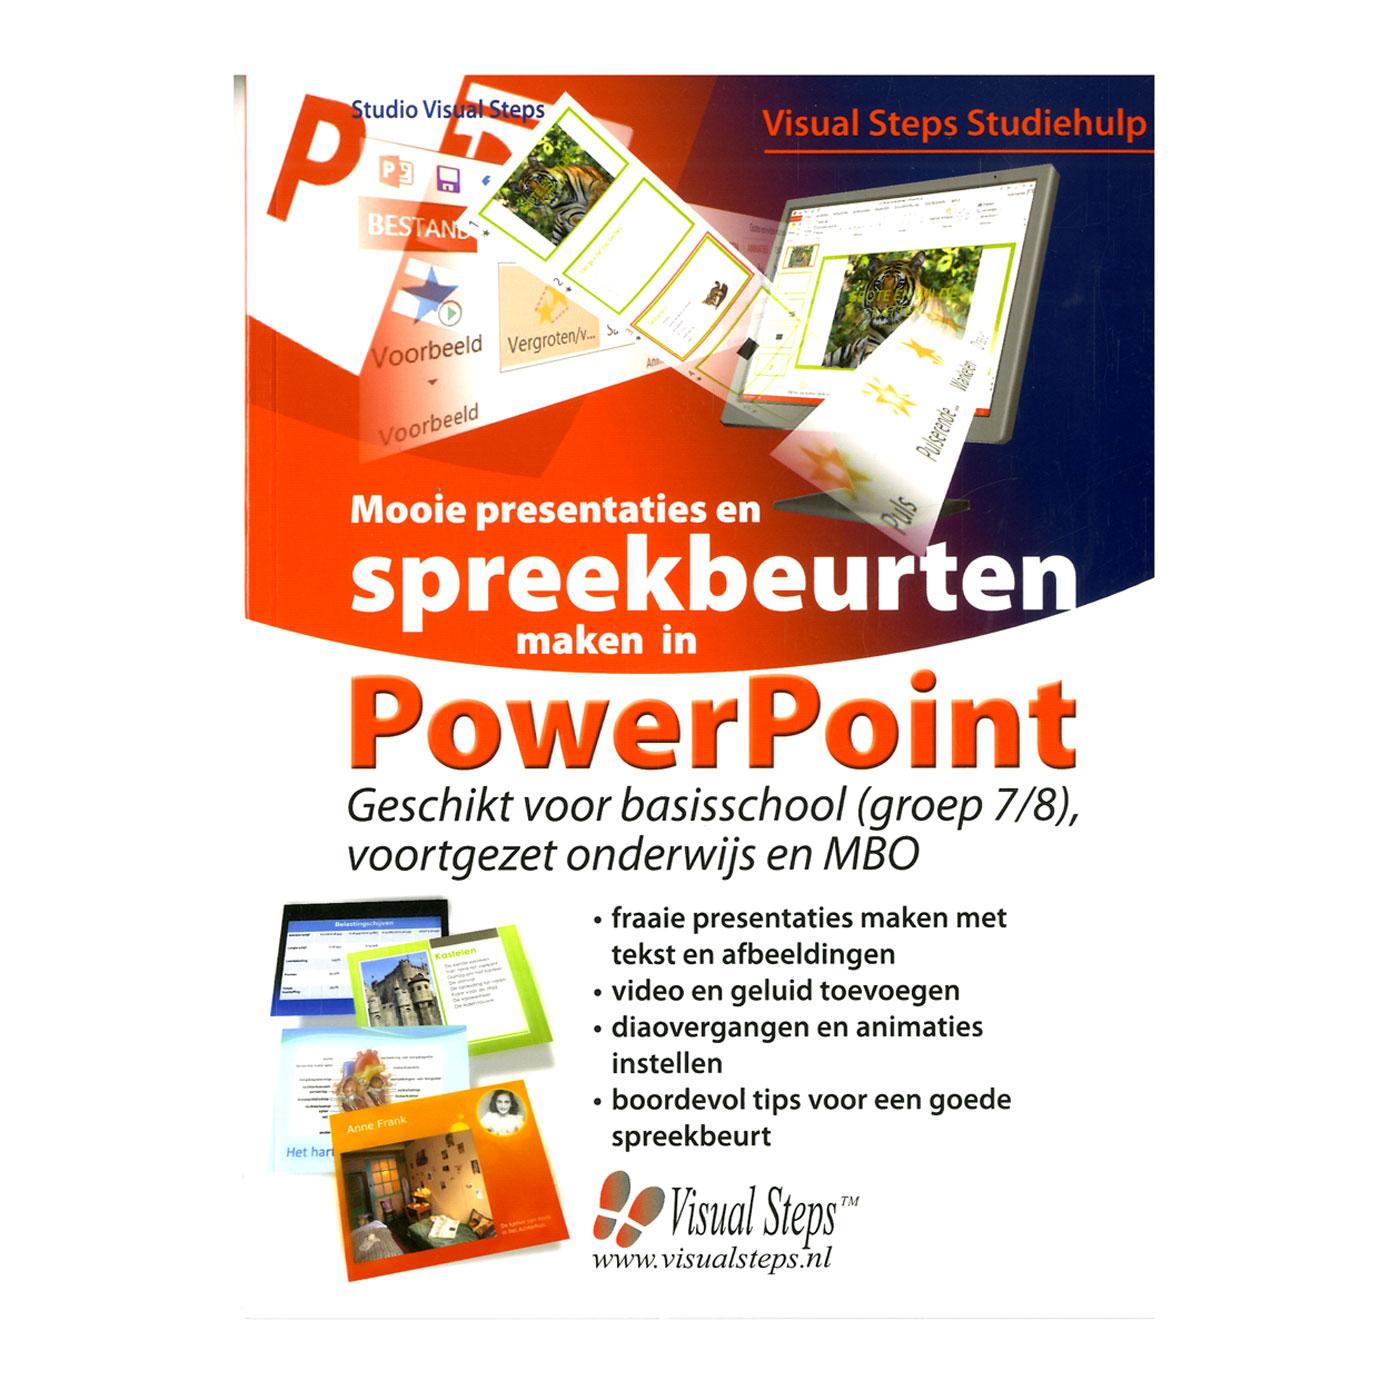 mooie presentaties en spreekbeurten maken in powerpoint online kopen